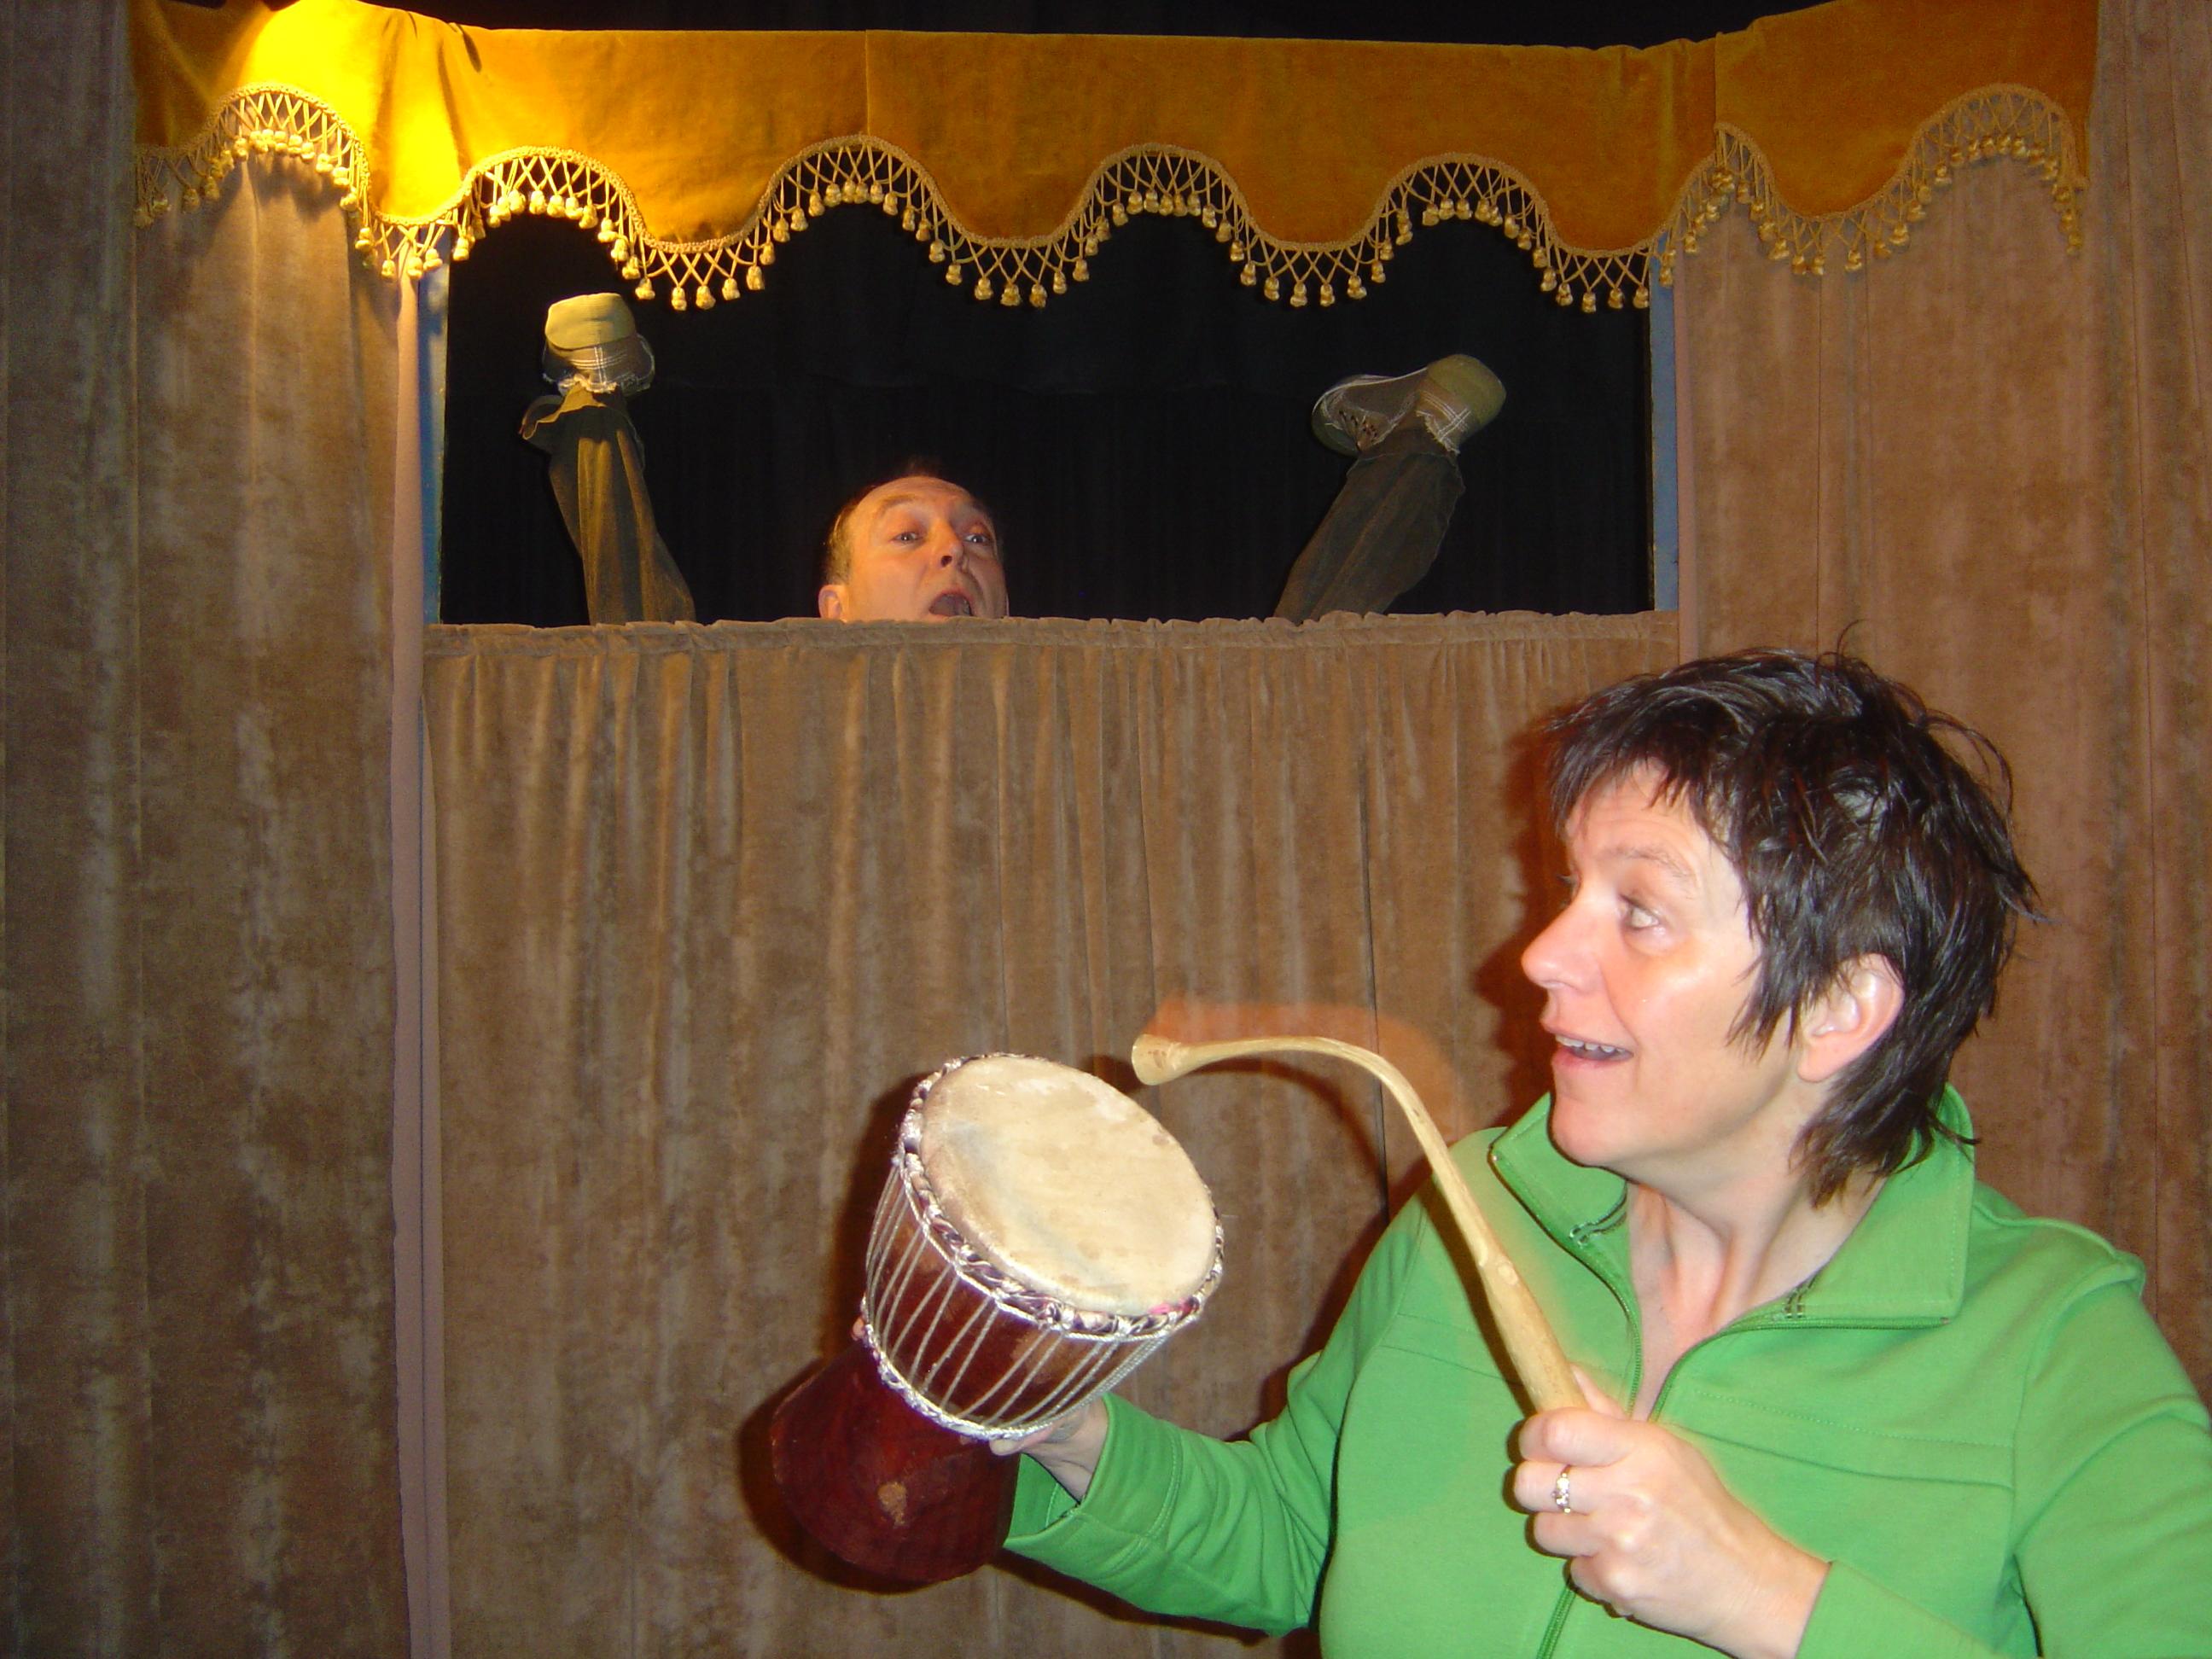 Zoldertheater speelt Tovertijd. (Foto: aangeleverd)